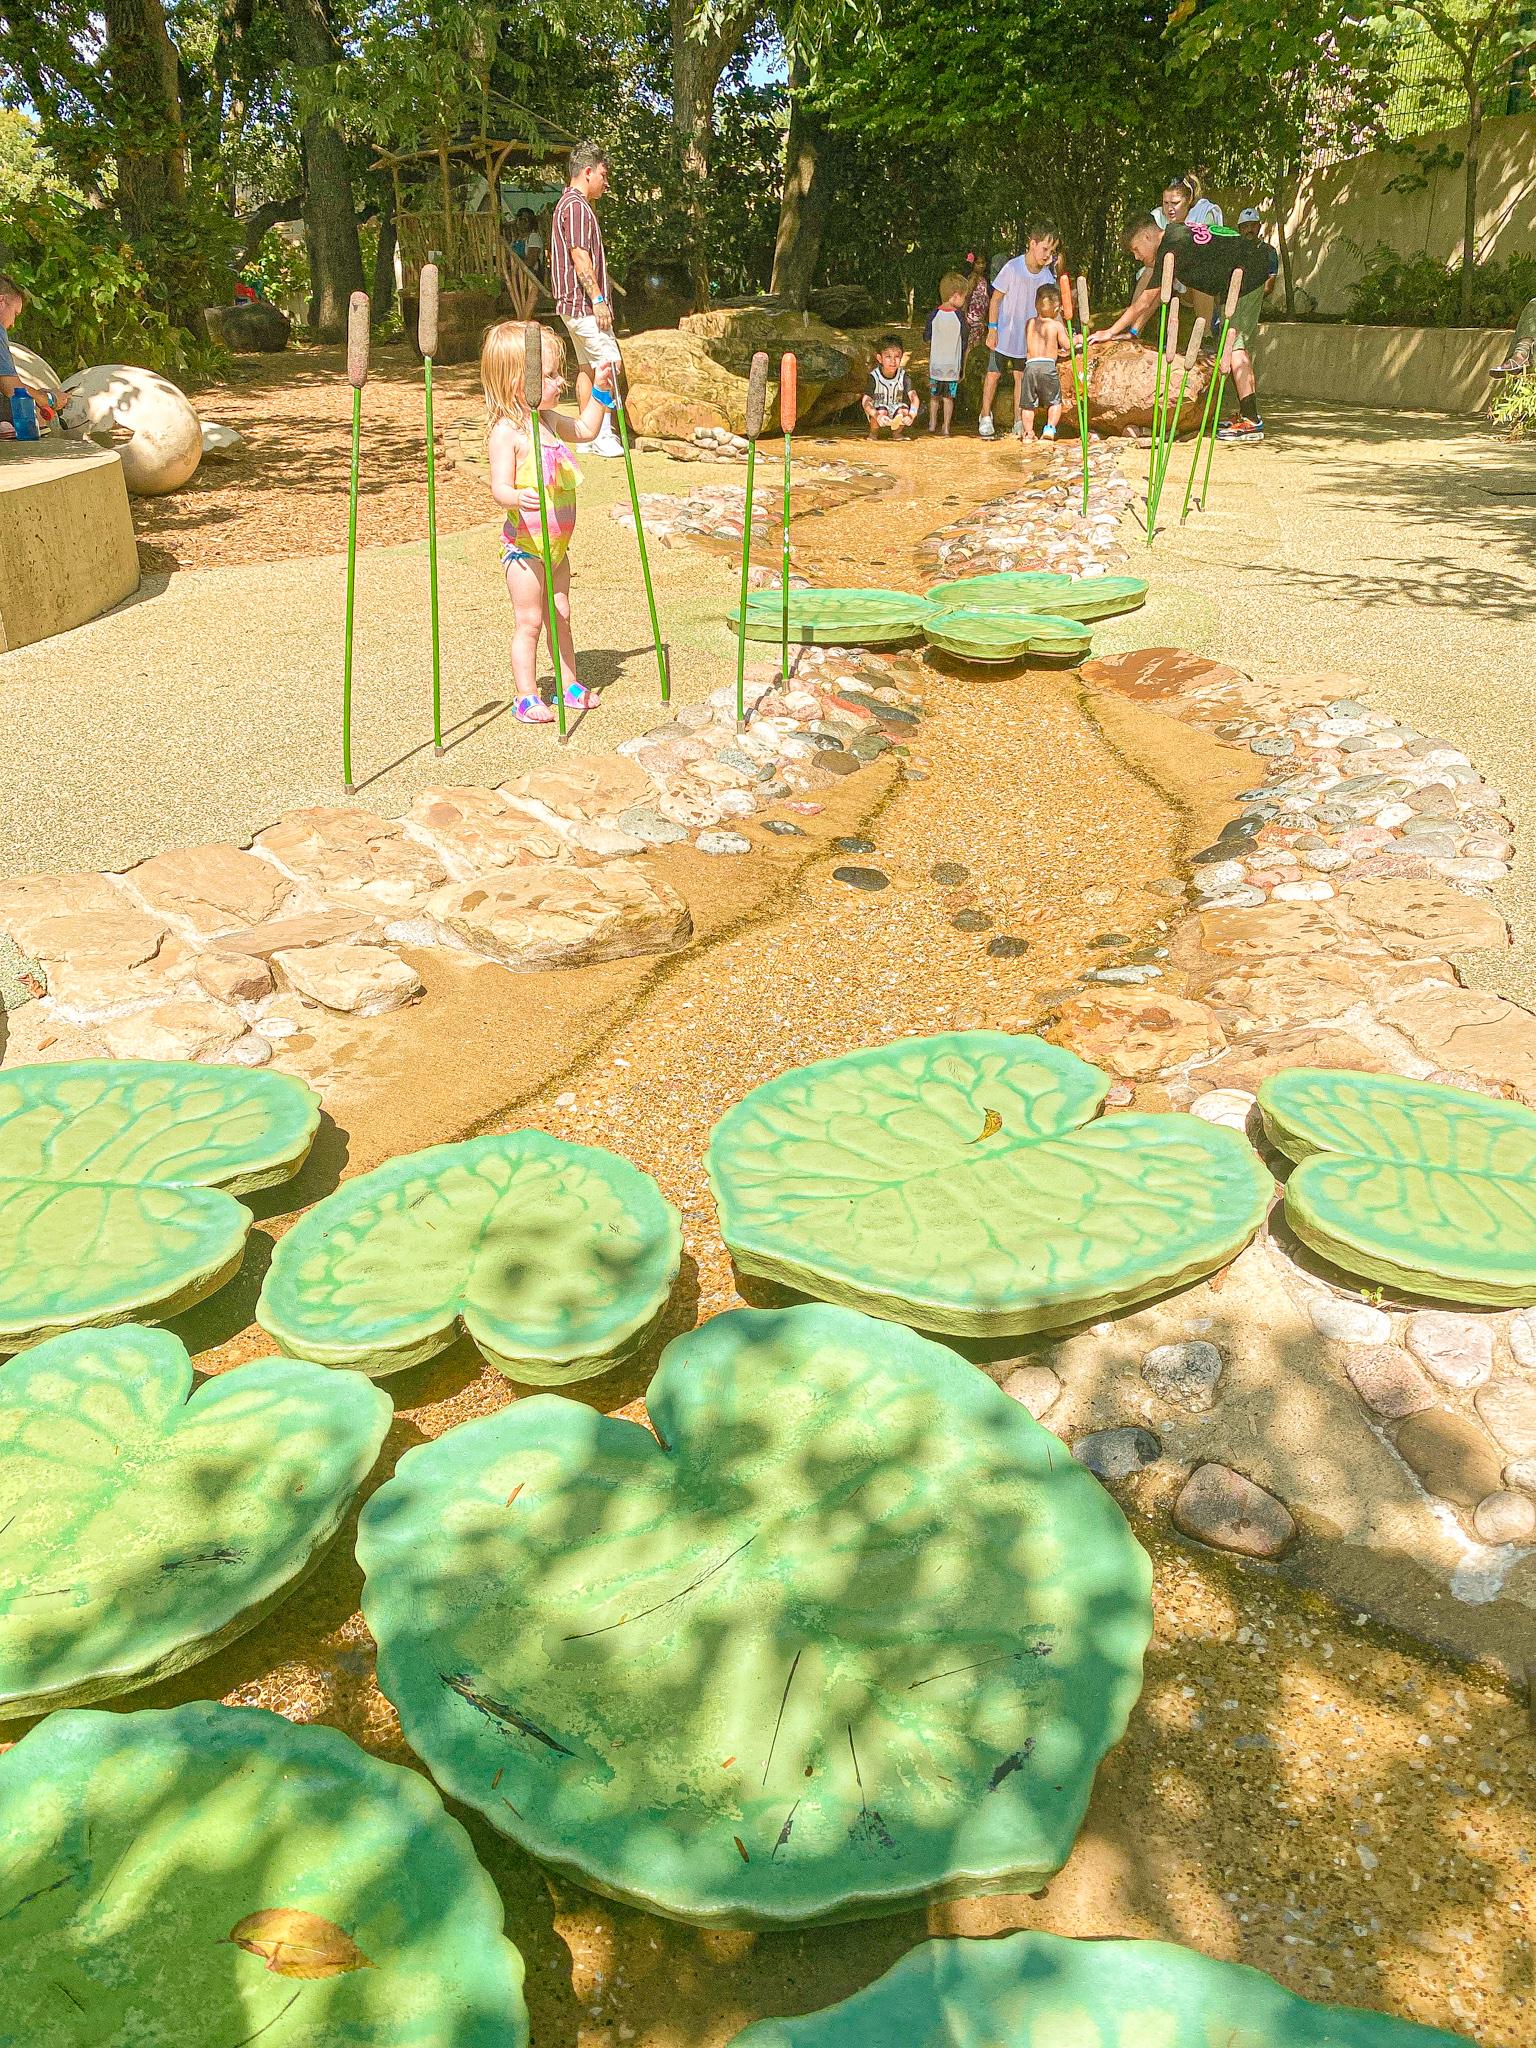 Dallas Arboretum First Adventure Garden Rory Meyers Children's Adventure Garden